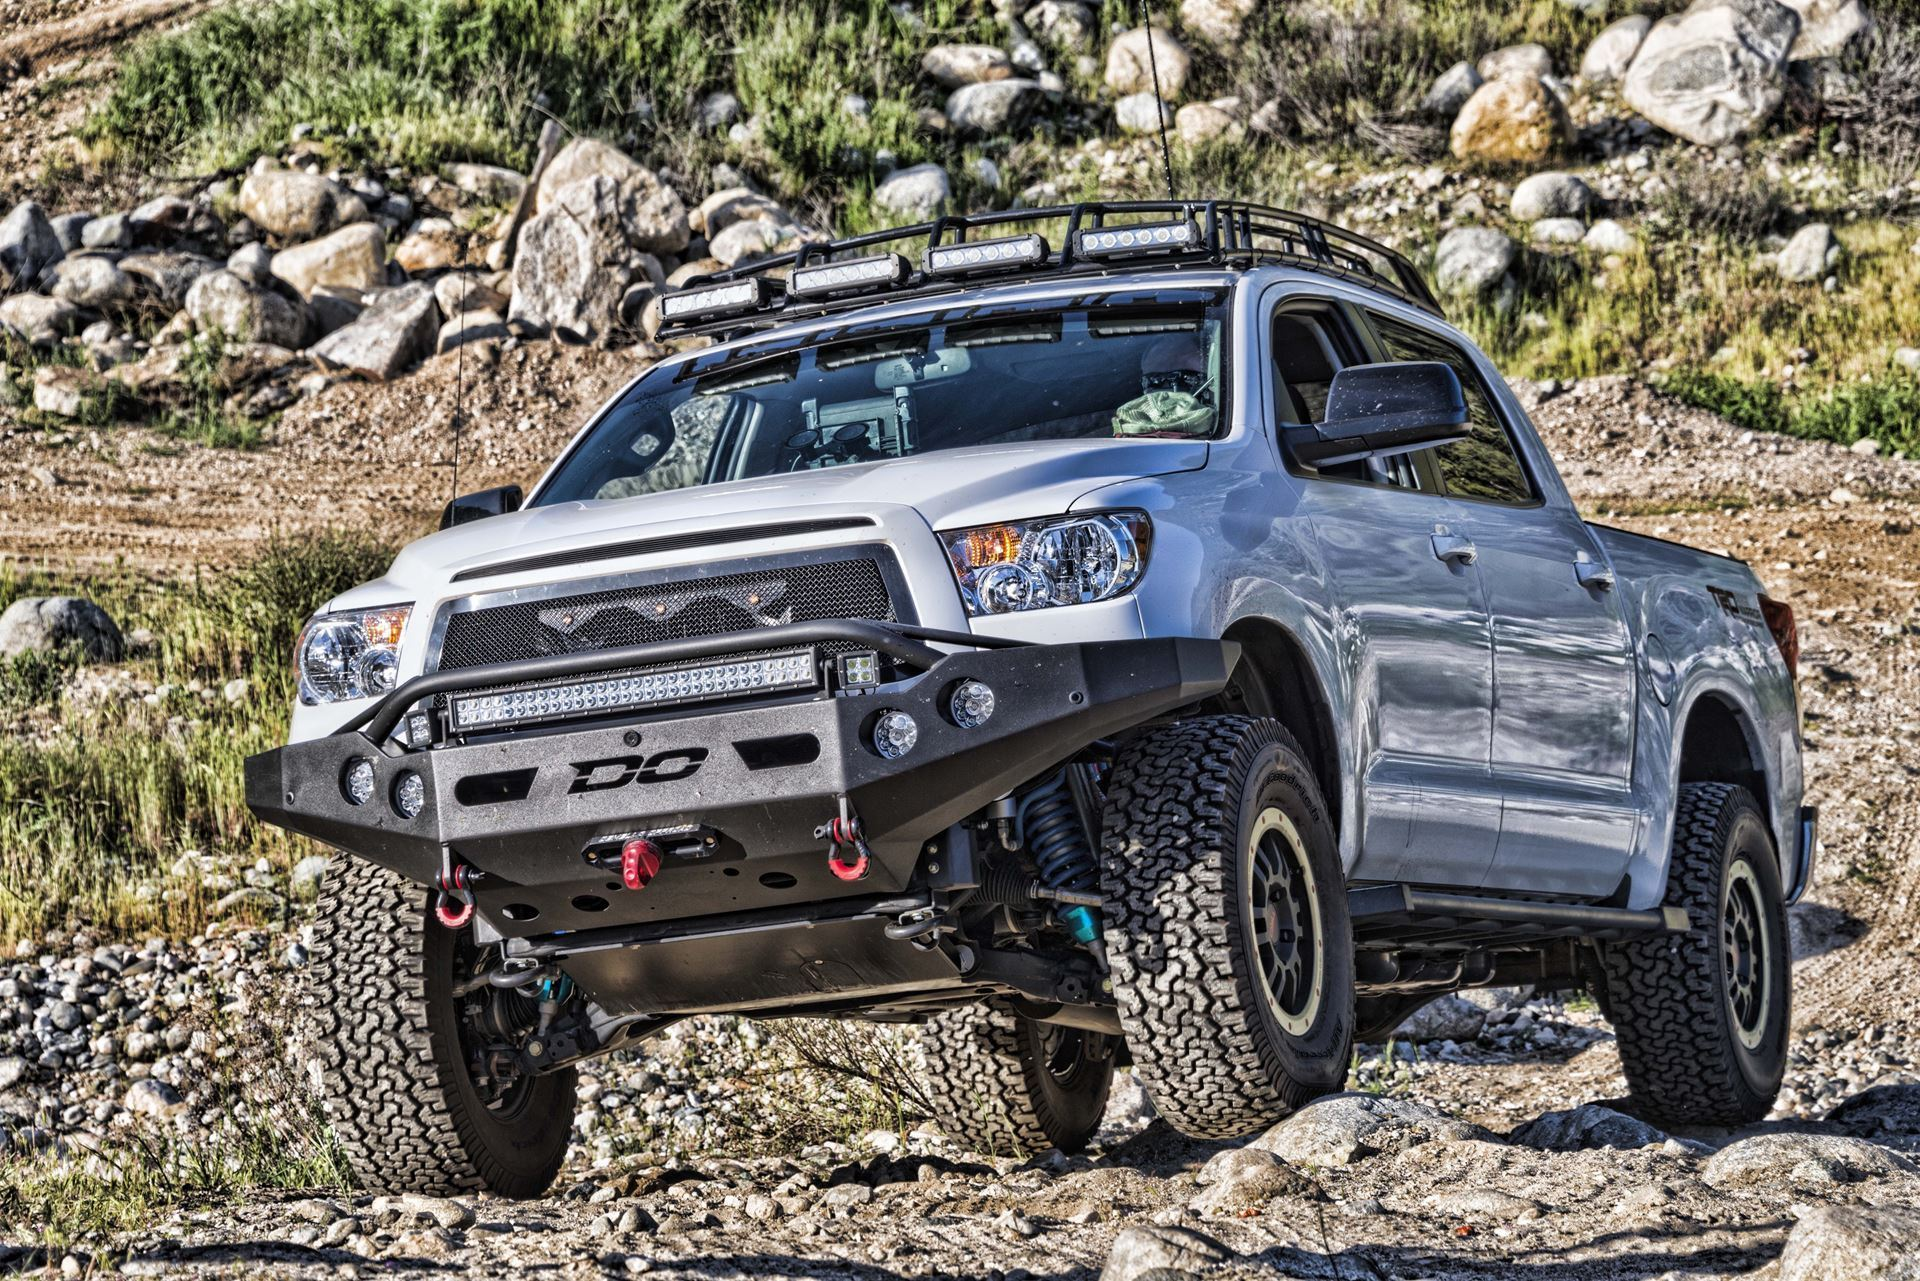 Road Rhino Bumper >> Demello Off-Road Tundra Front winch bumper 07-13 [DEMELLO-TUNDRA-WINCH-BUMPER] - $1,400.00 ...